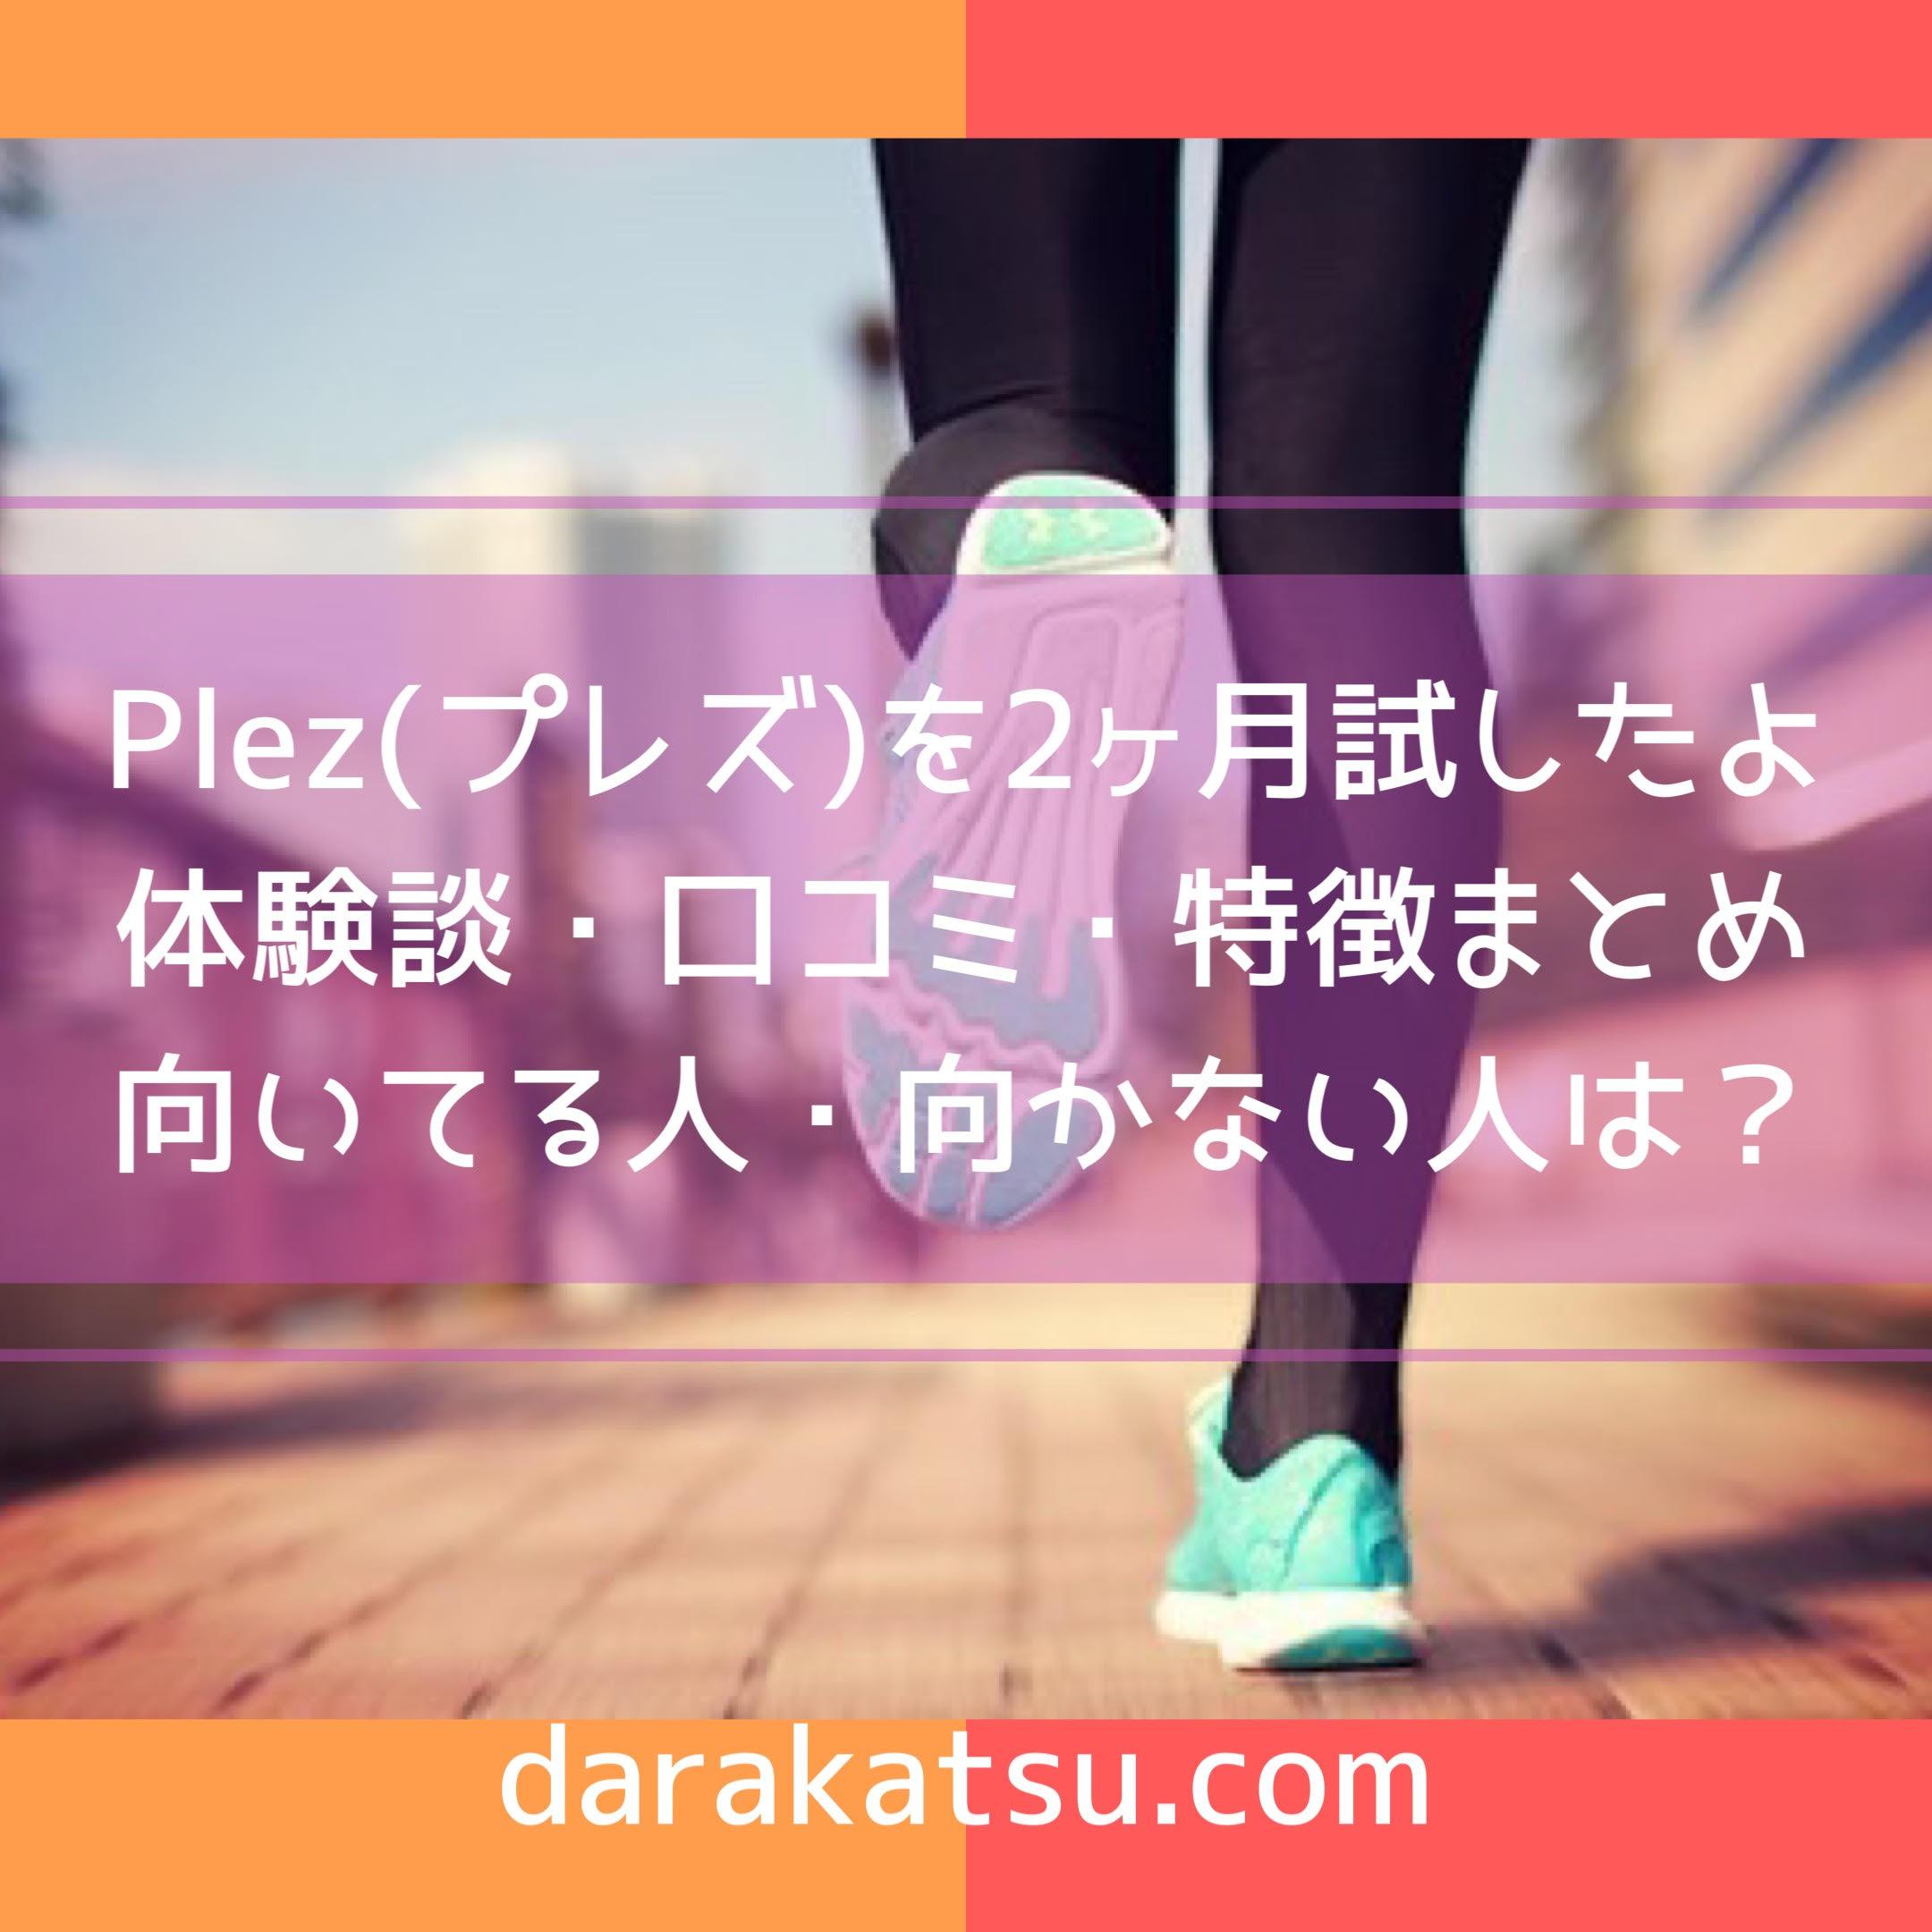 【ダイエット口コミ】Plez(プレズ)は痩せないって本当?利用した本音は?